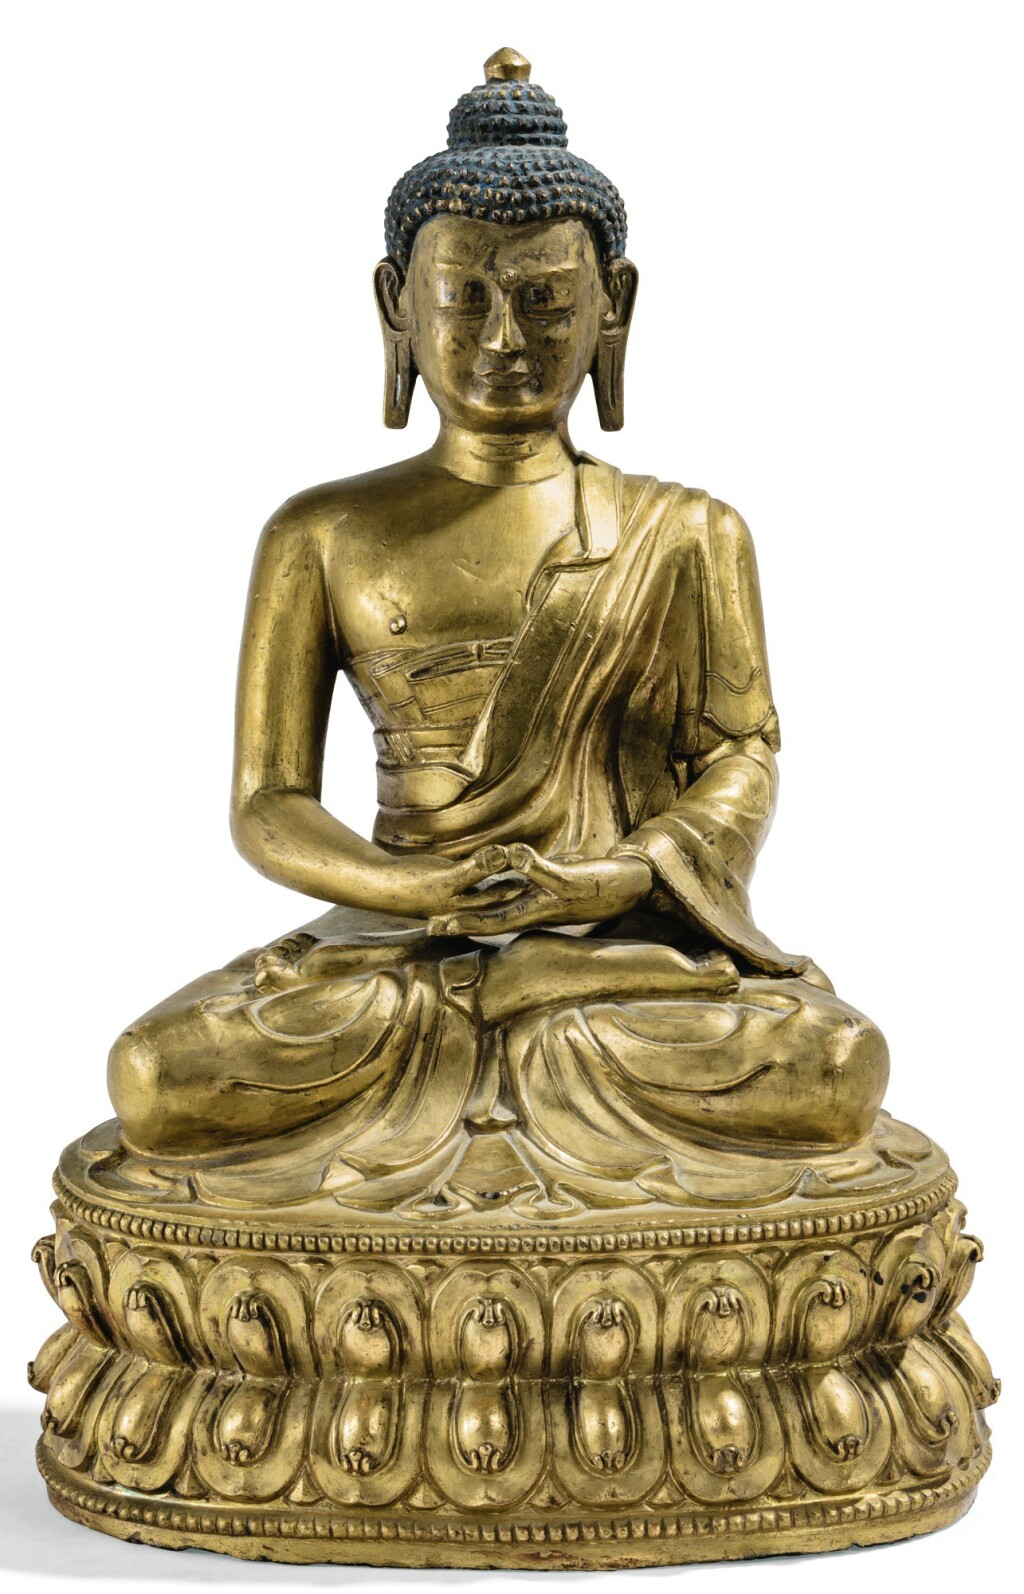 STATUETTE DE BOUDDHA EN ALLIAGE DE CUIVRE DORÉ REPOUSSÉ TIBET, XVIIIE SIÈCLE | 西藏 十八世紀 鎏金銅合金佛坐像 | A repoussé gilt copper-alloy figure of Buddha, Tibet, 18th century